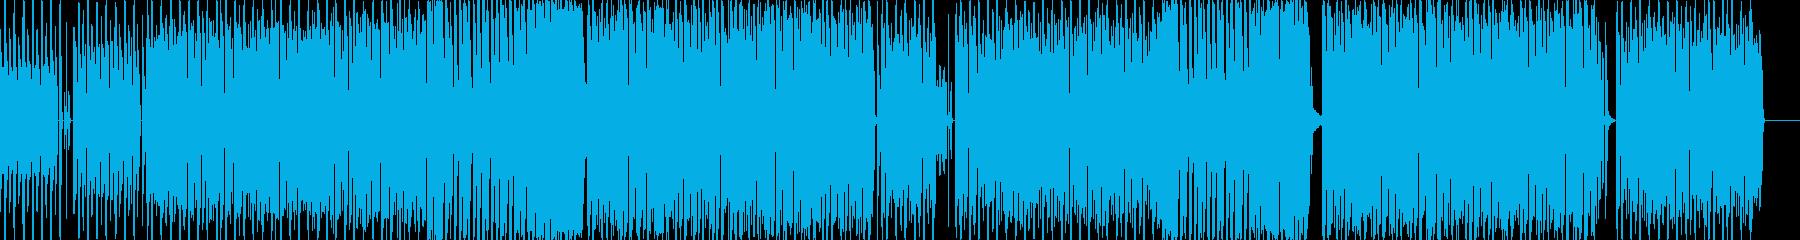 ユニークでコミカルなテクノポップBGMの再生済みの波形